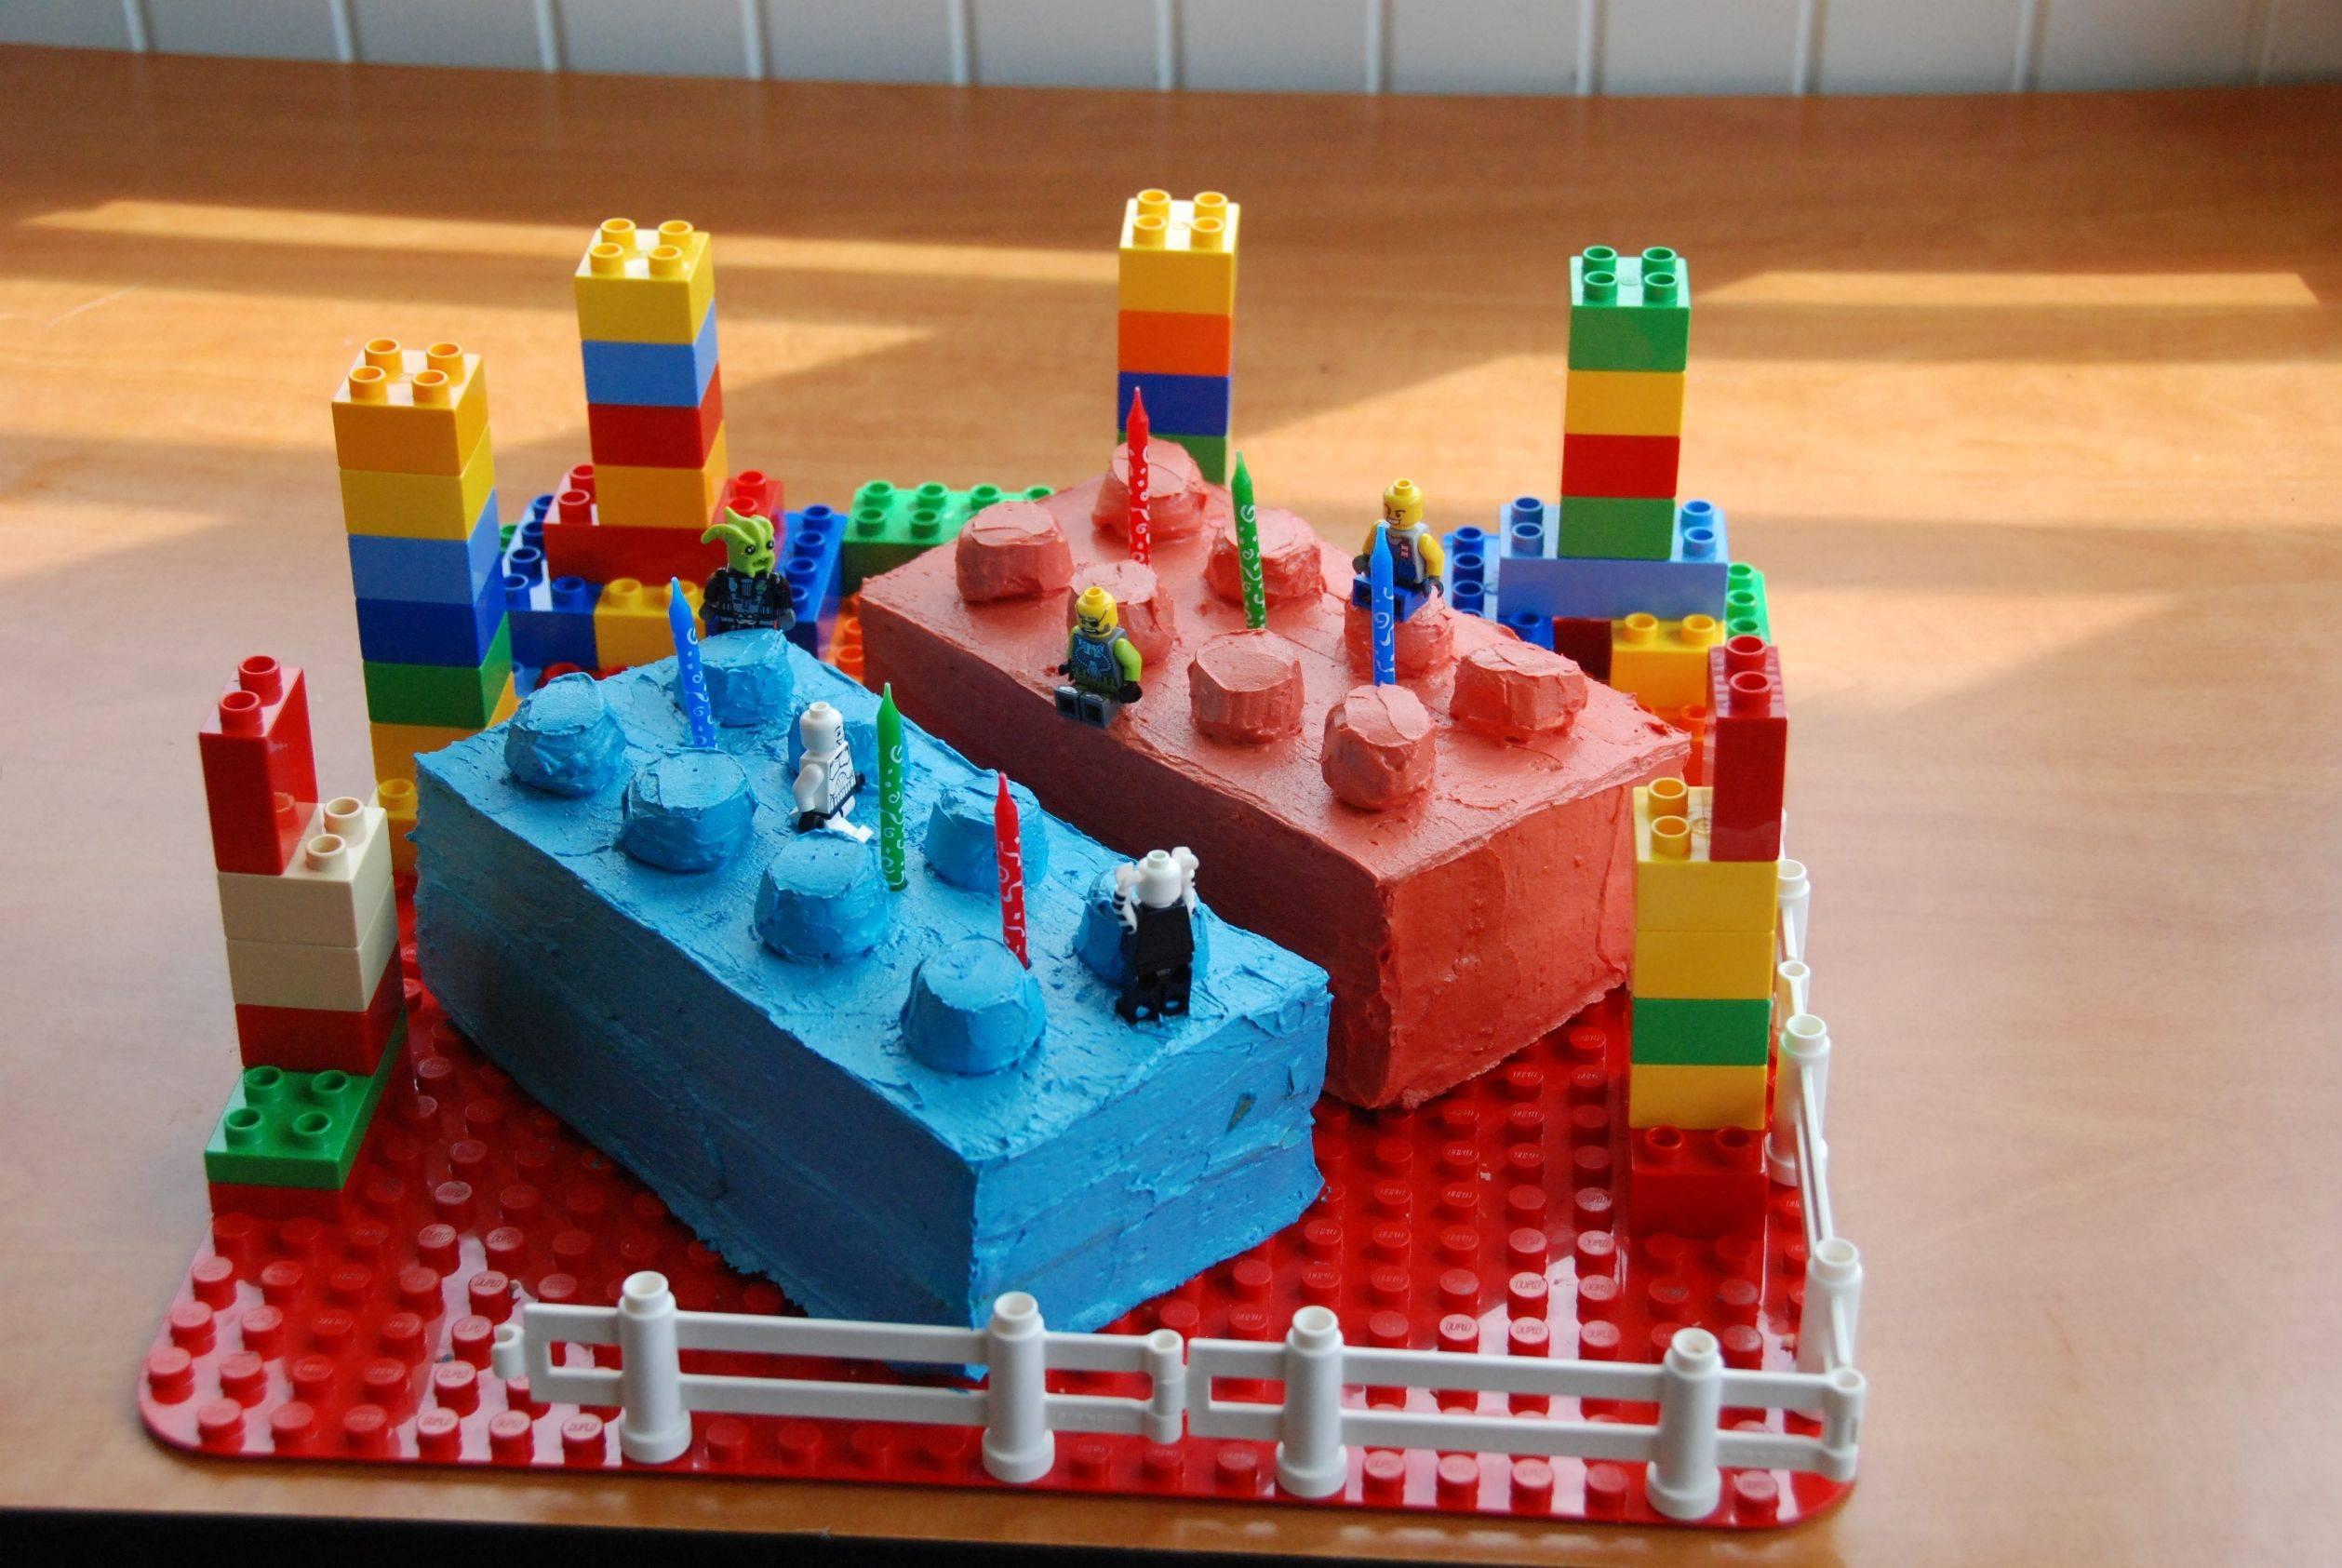 LEGO Birthday Cake 6 Year Old Boy